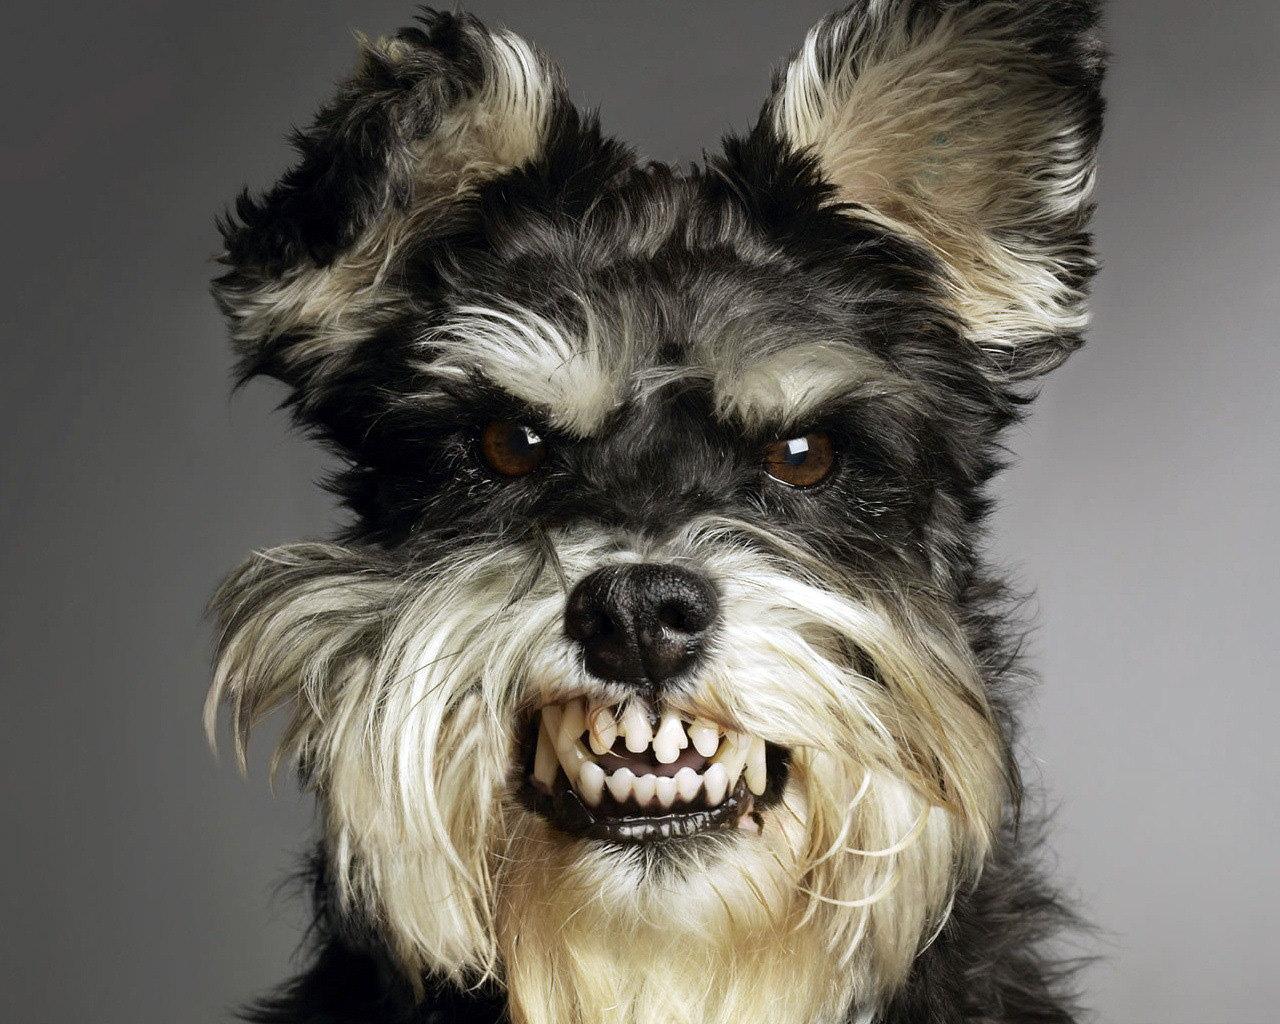 http://3.bp.blogspot.com/-JU9nBDHKpC4/T_p9yMNpezI/AAAAAAAAEdE/Ie6k9MjOAKk/s1600/funny%2Bdogs%2Bwallpaper_2.jpg